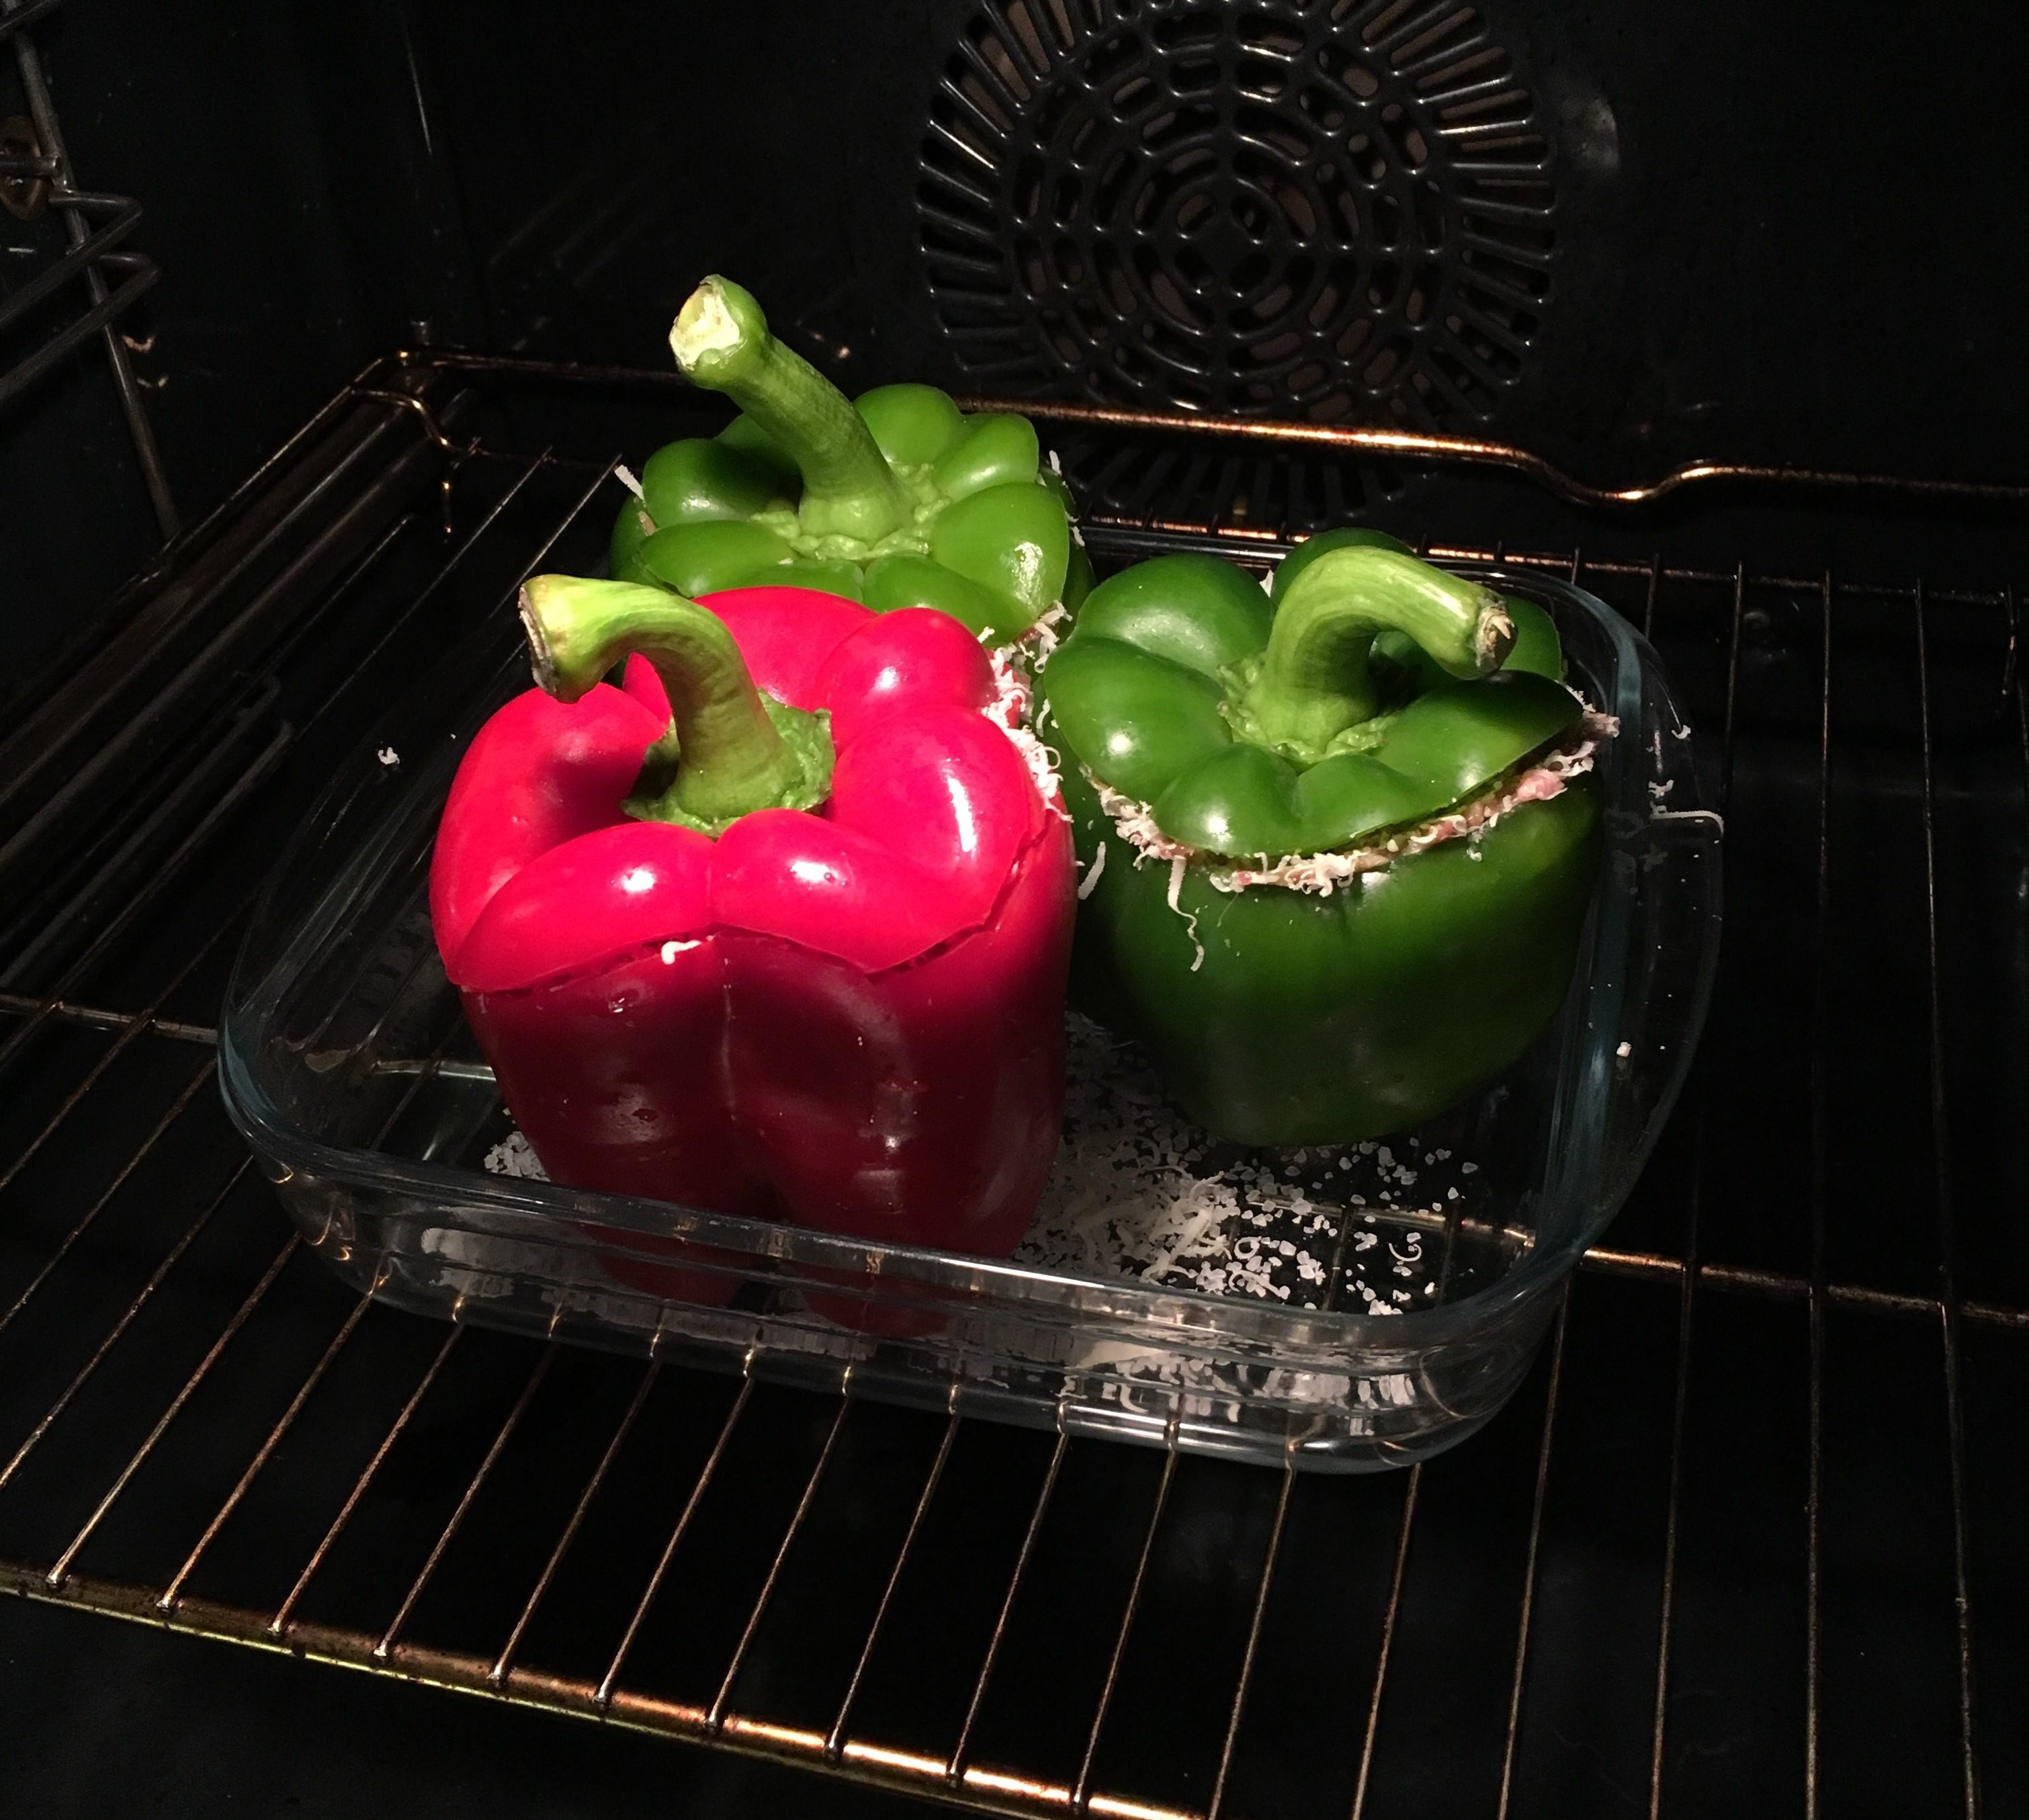 fyldte peberfrugter i ovn